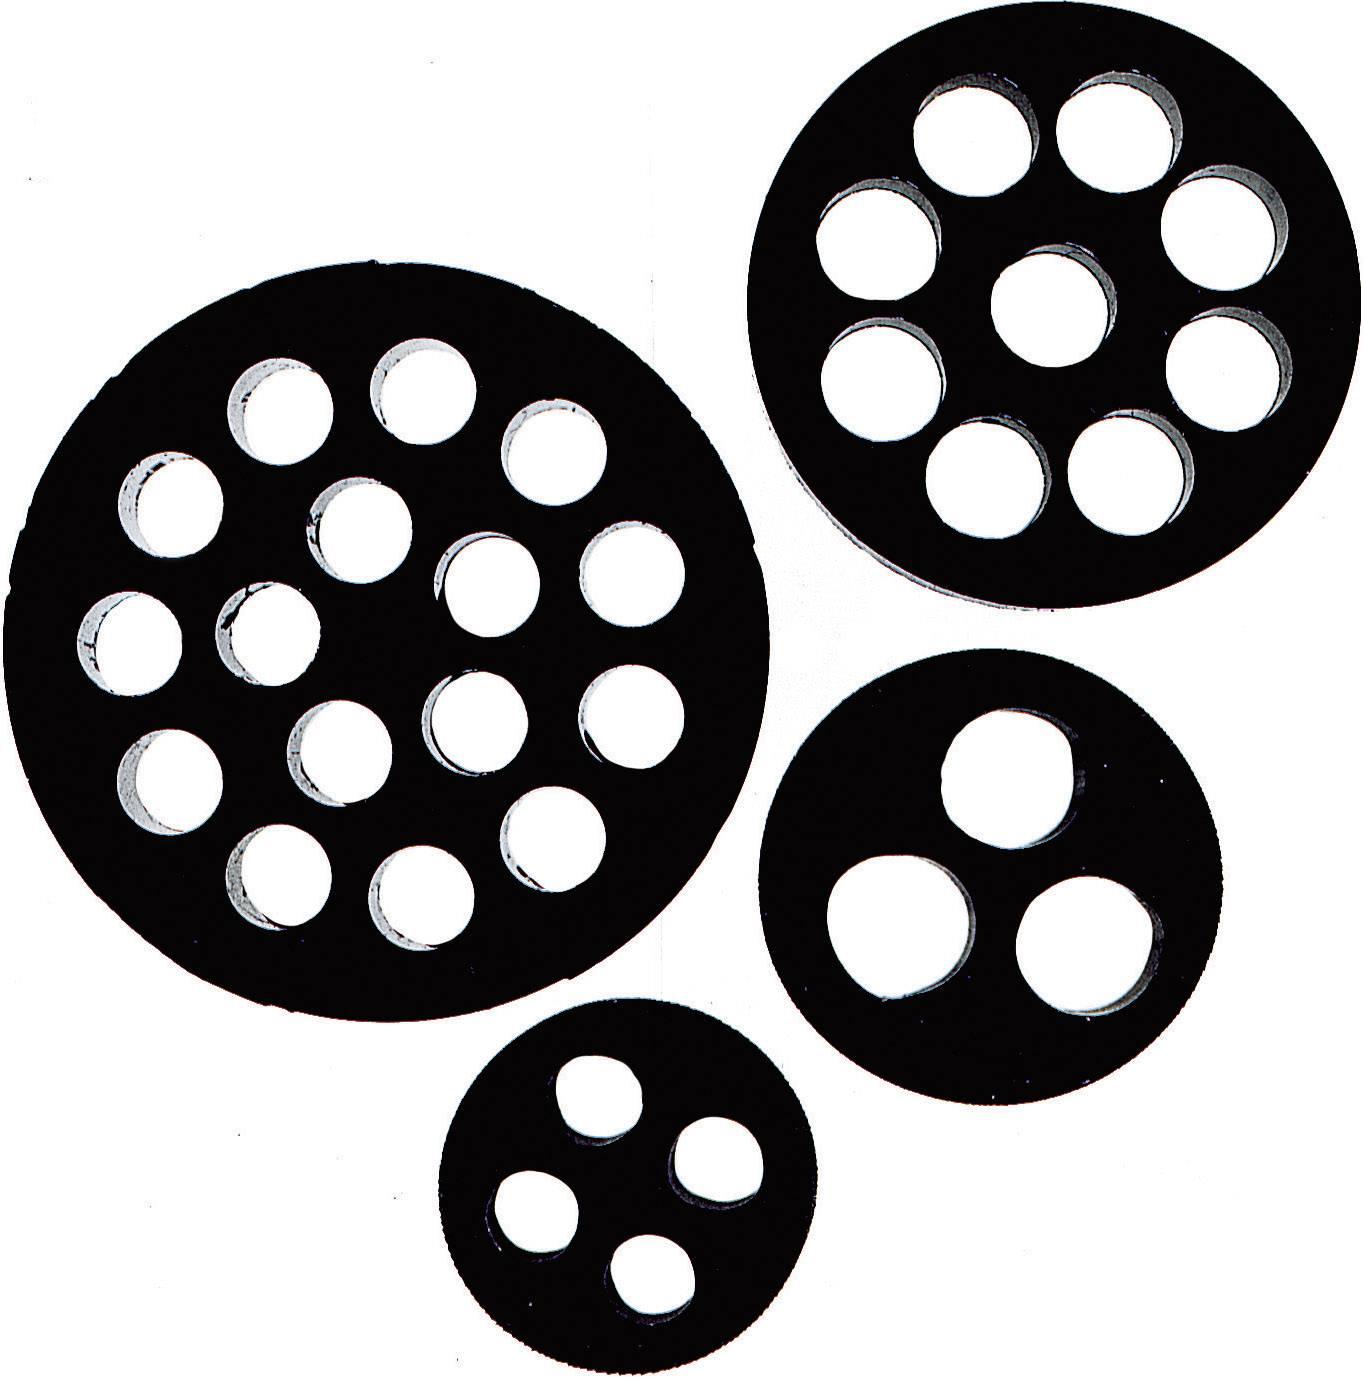 Těsnicí vložka M25 LappKabel DIX-M25 (53325450), IP54, M25, nitril kaučuk, černá